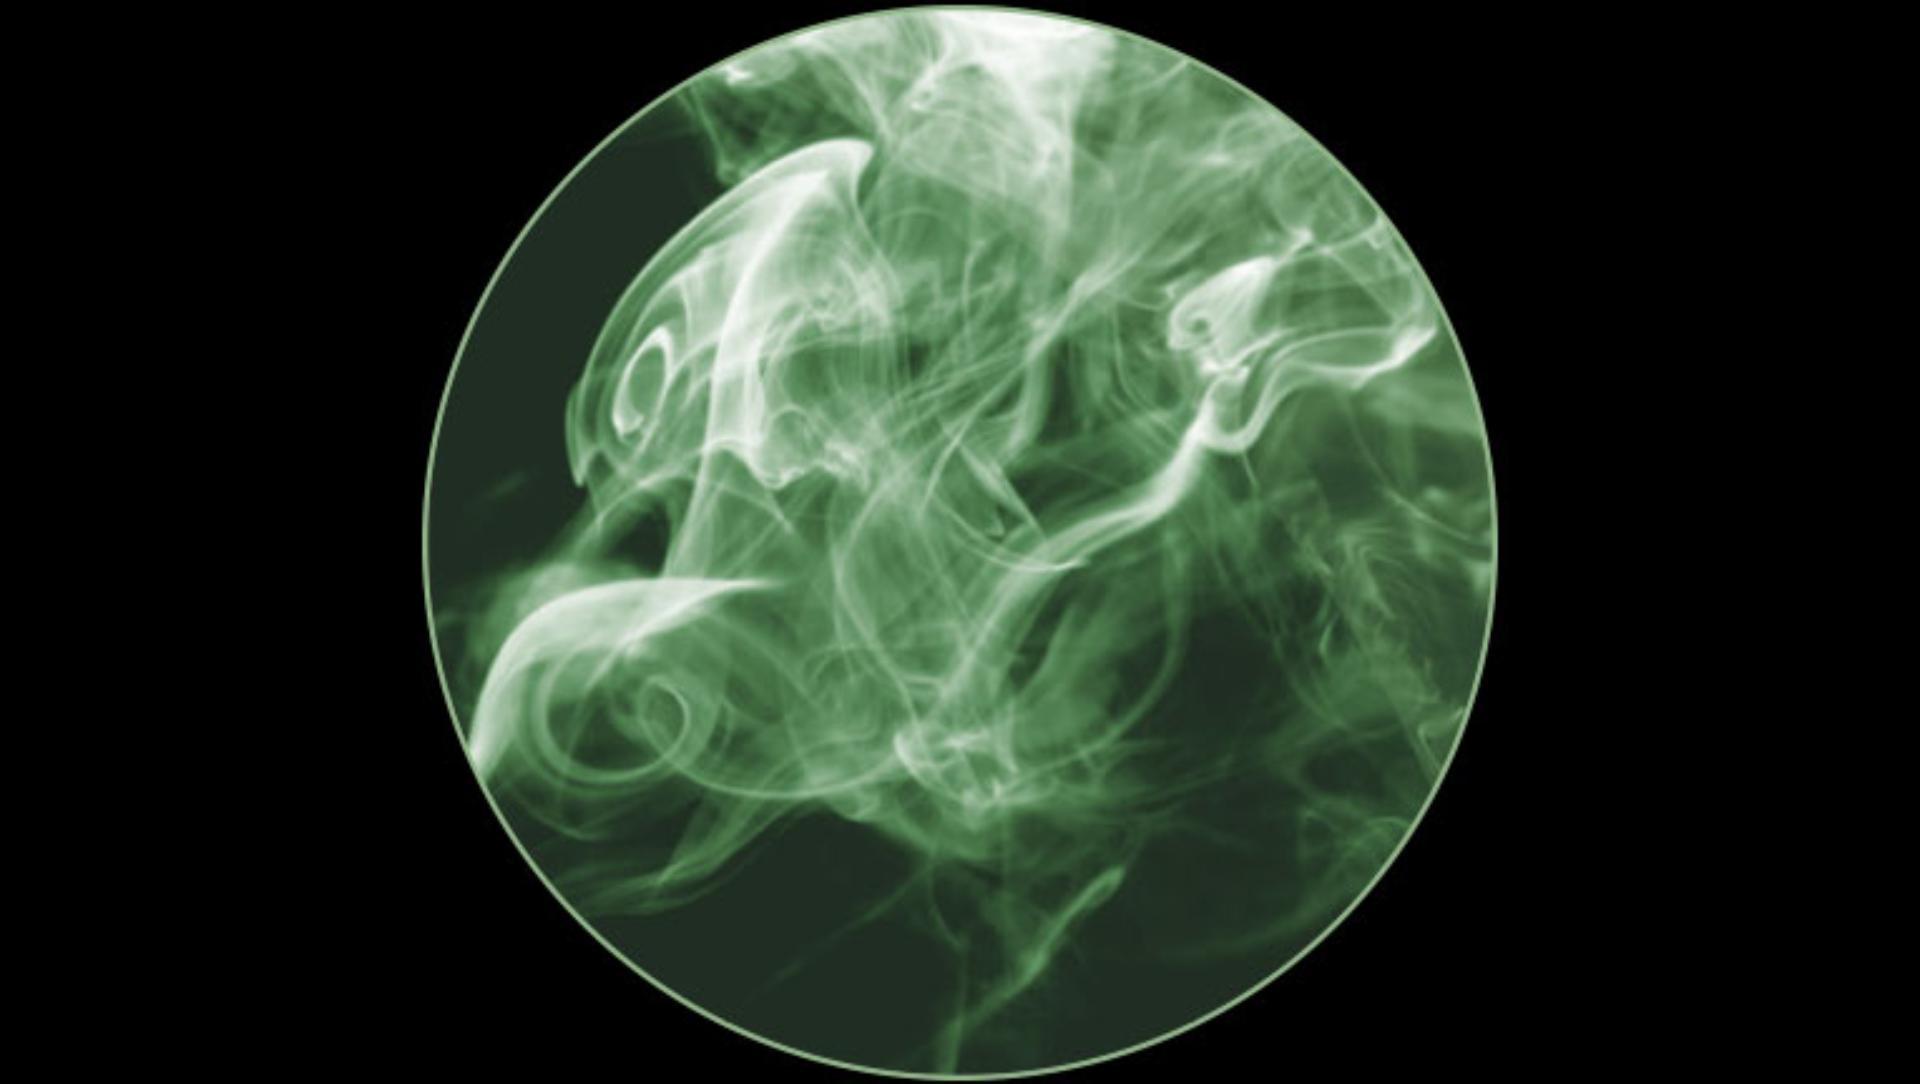 초미세 입자의 확대 이미지